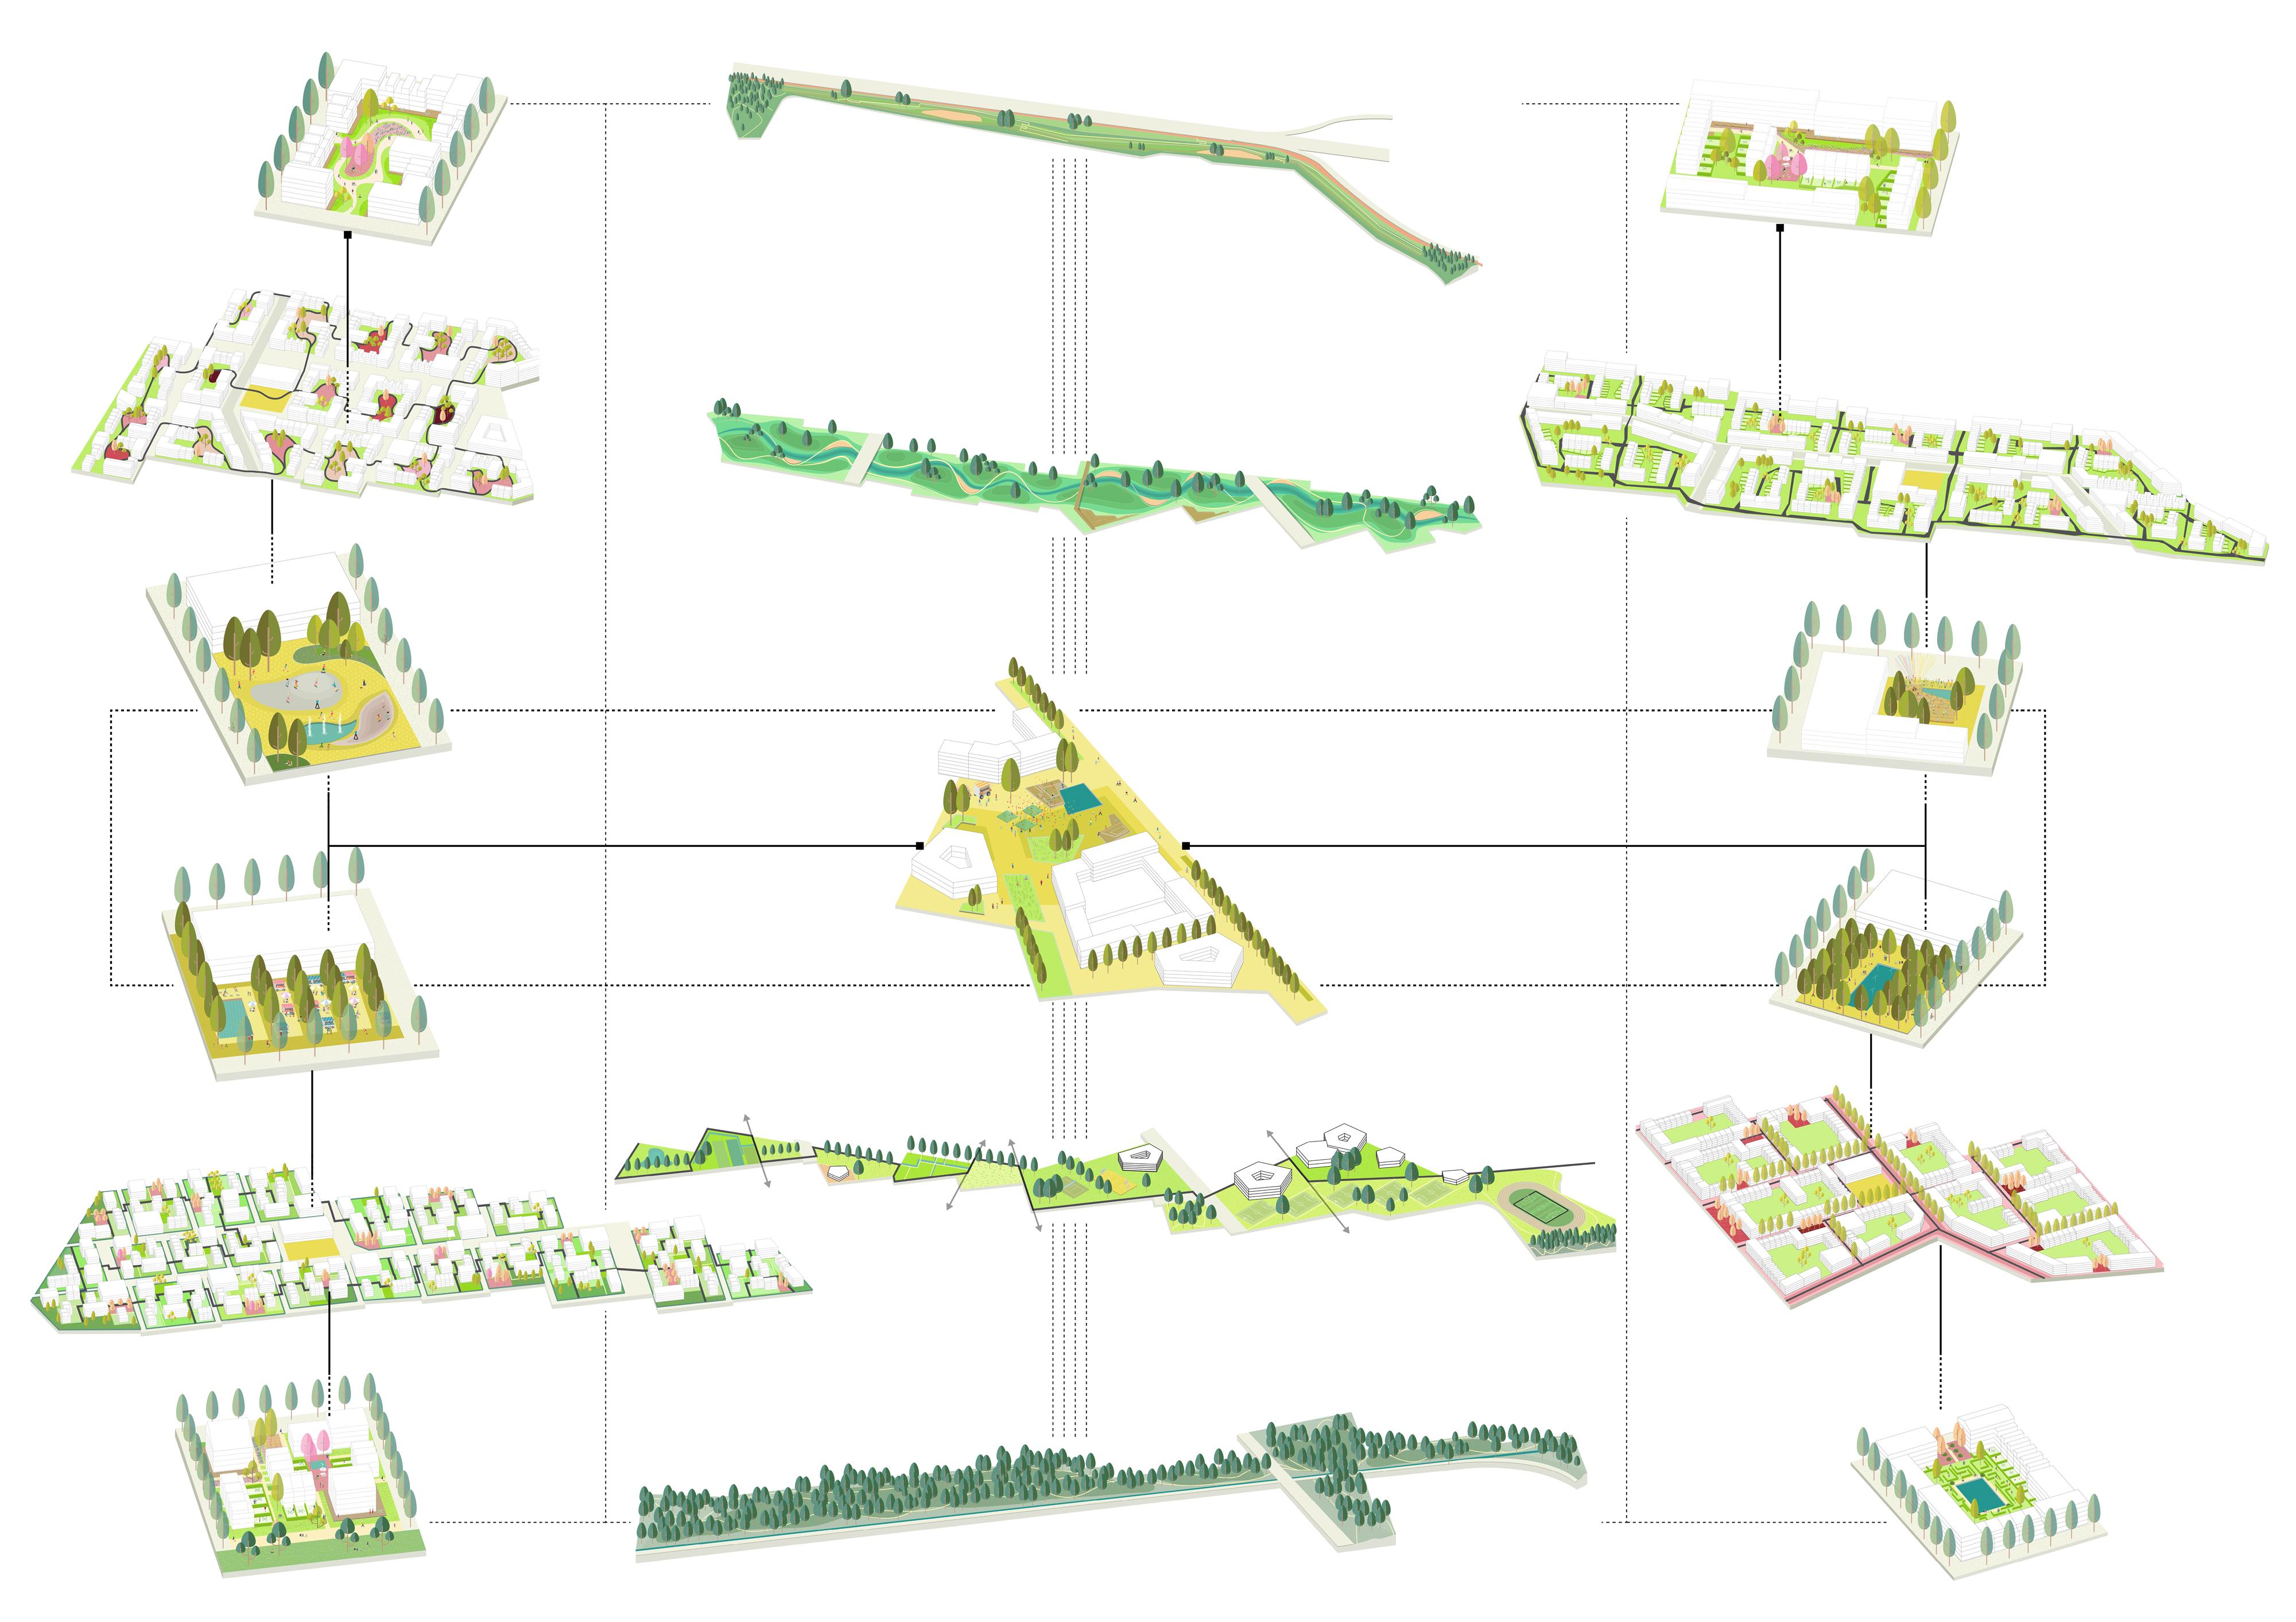 felixx-freiburg-diagram.jpg